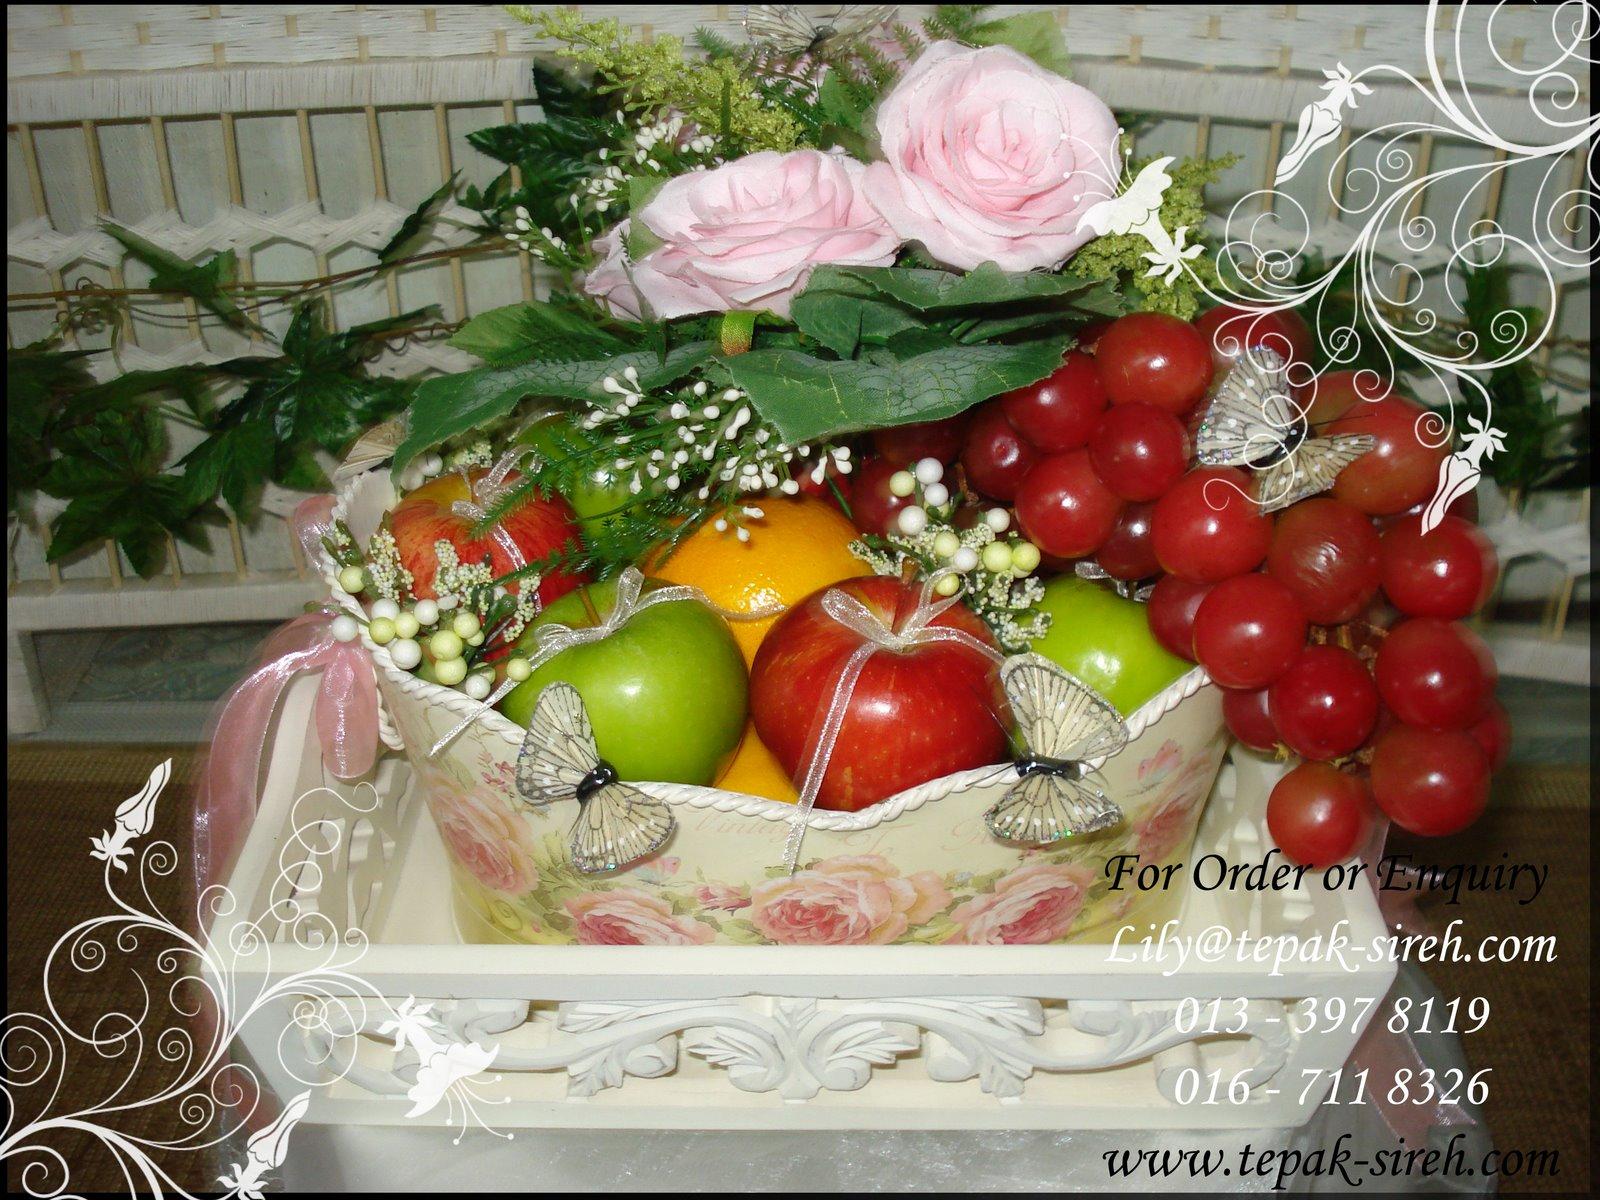 http://4.bp.blogspot.com/_K3eFtdbv_iw/S83wc_3FVmI/AAAAAAAABts/LxSW99wqfKw/s1600/Gubahan%20Buah-buahan.jpg